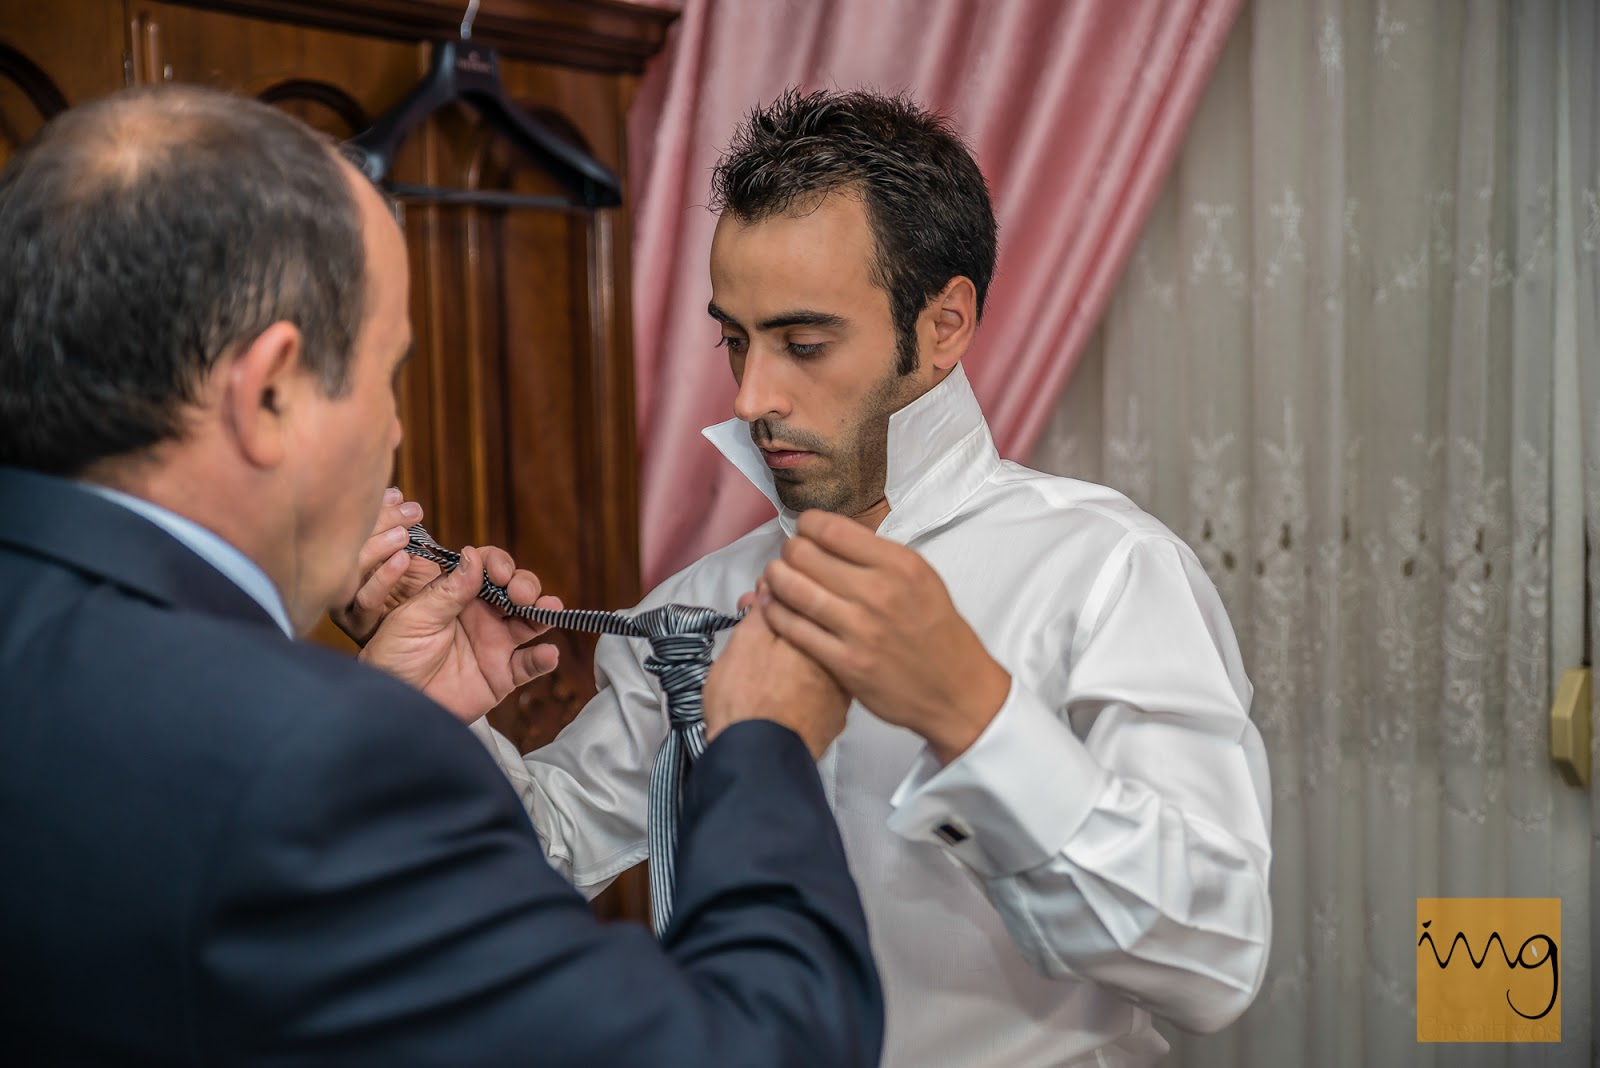 Fotografía de los preparativos del novio